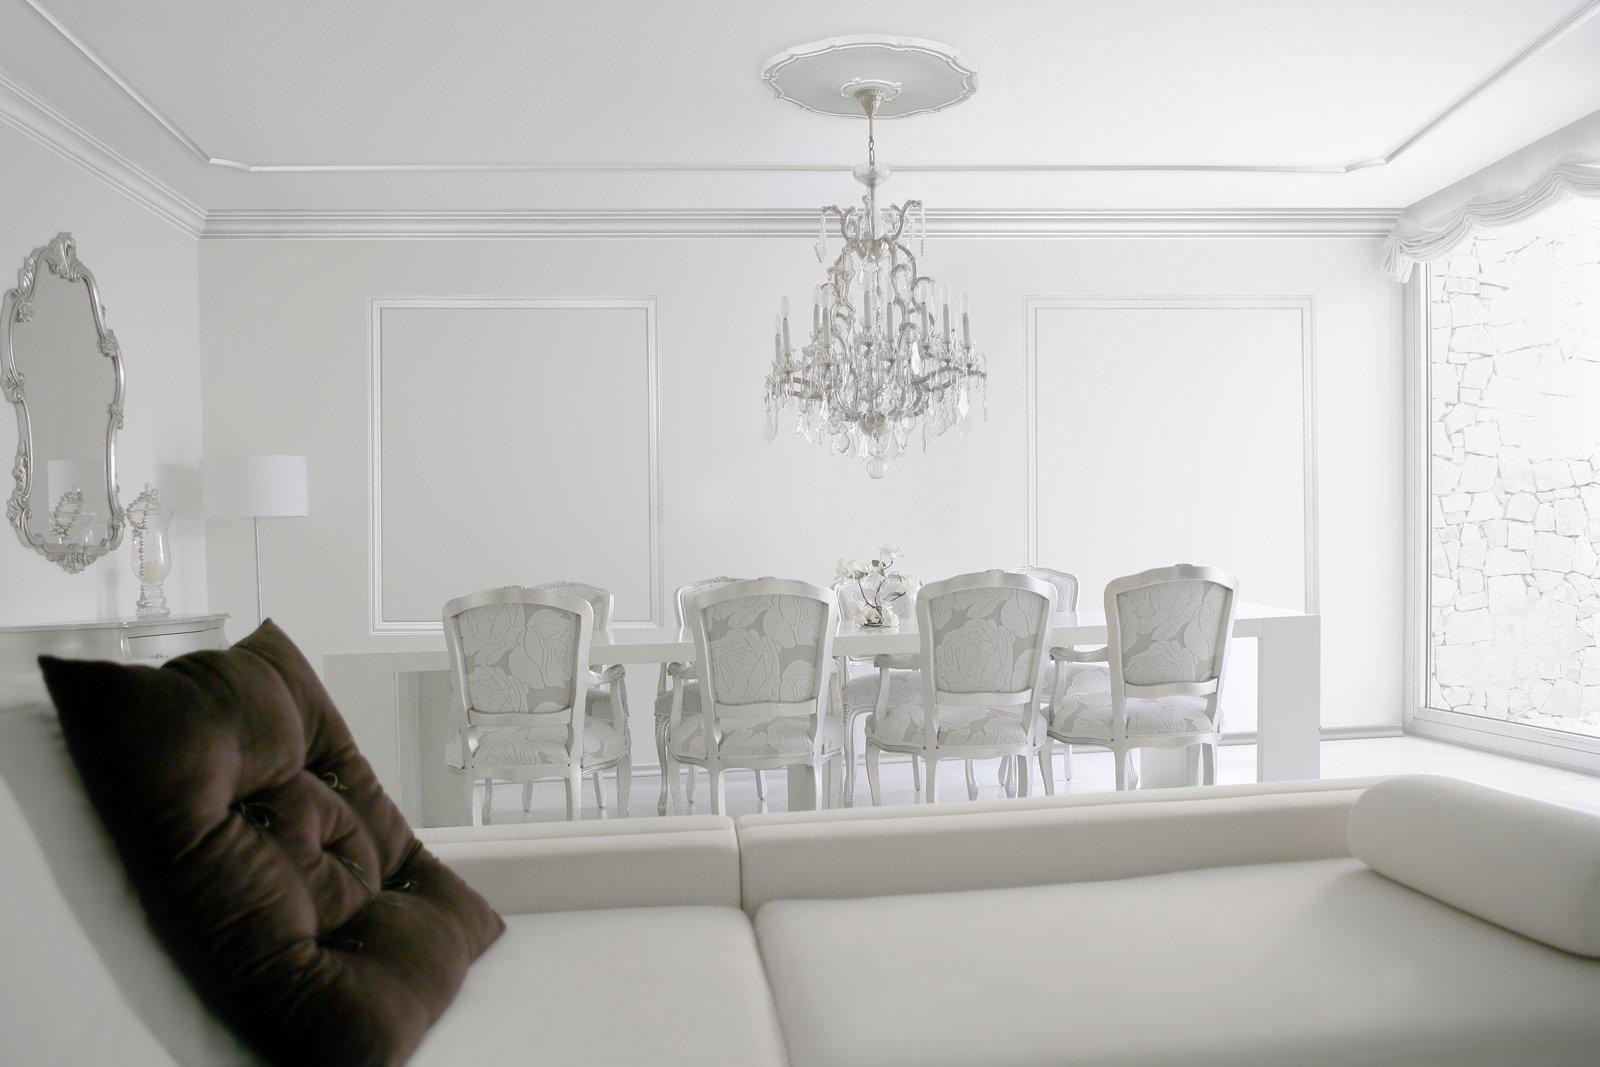 Cornici effetto gesso per rinnovare la parete cose di casa - Tecniche per rinnovare mobili ...